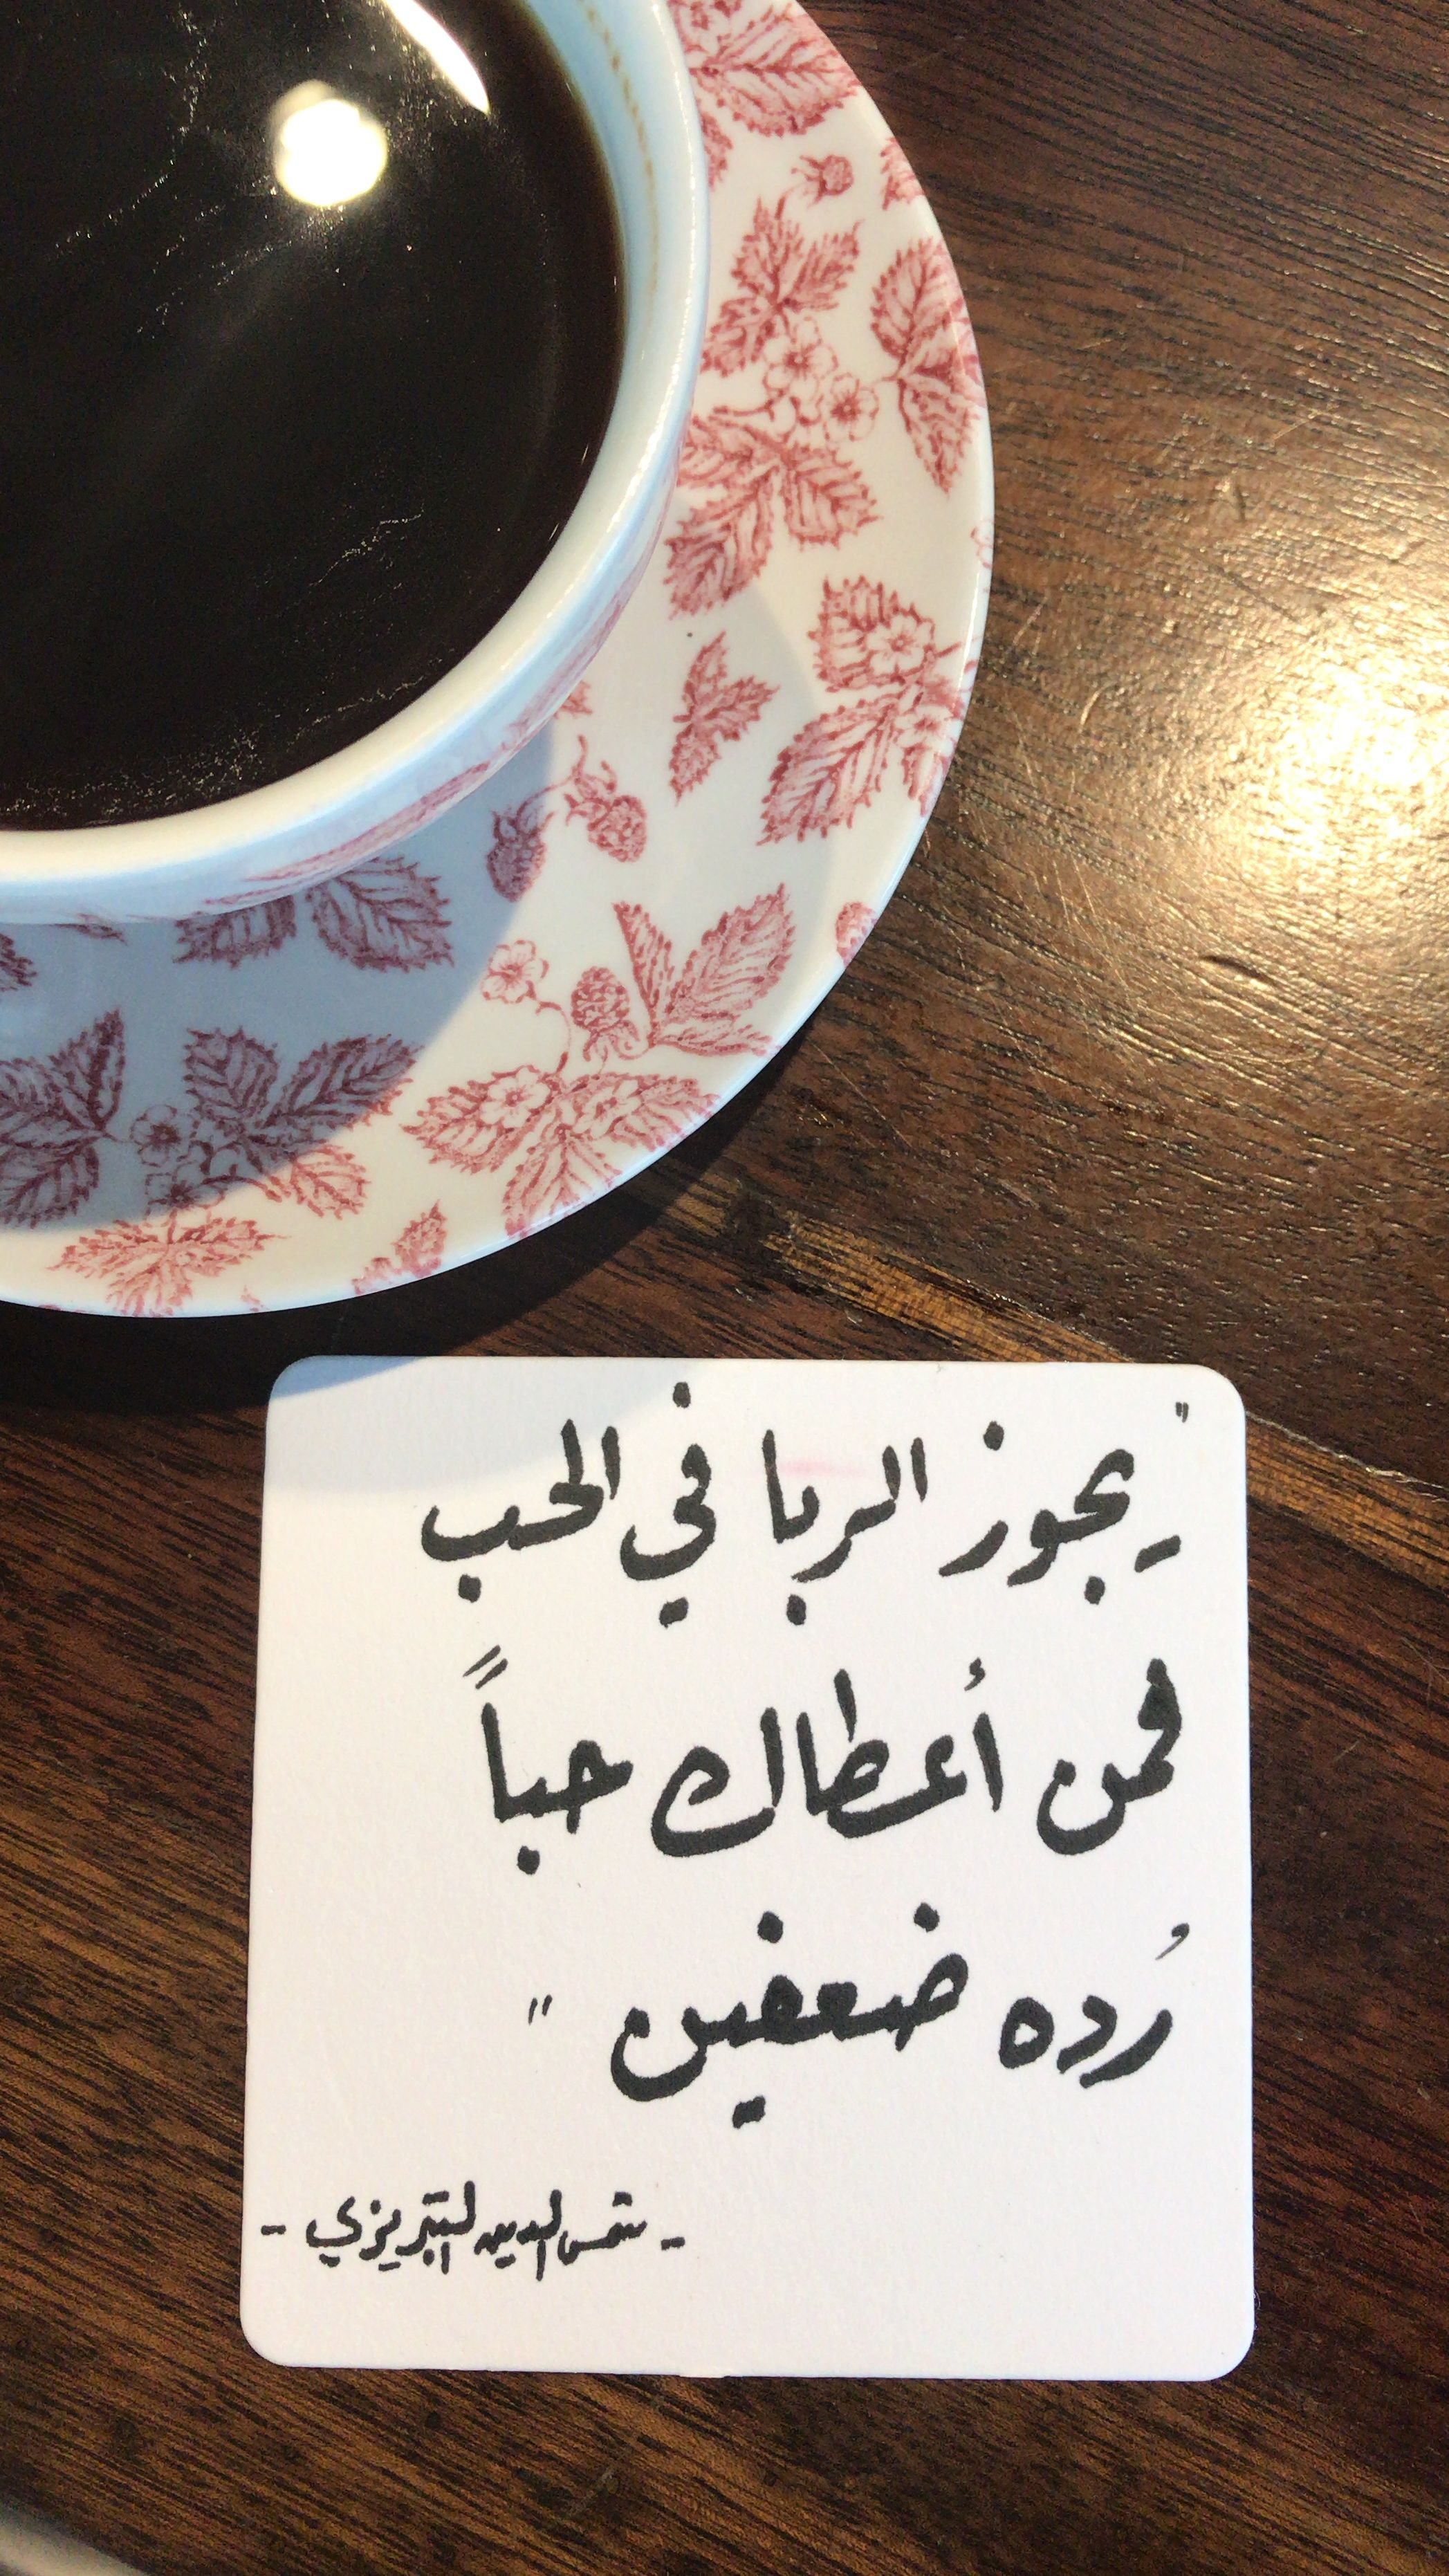 خط خطي رقعة اقتباسة شمس شمس التبريزي عشق صوفي درويش Love Quotes For Wedding Love Quotes Wallpaper Candy Quotes